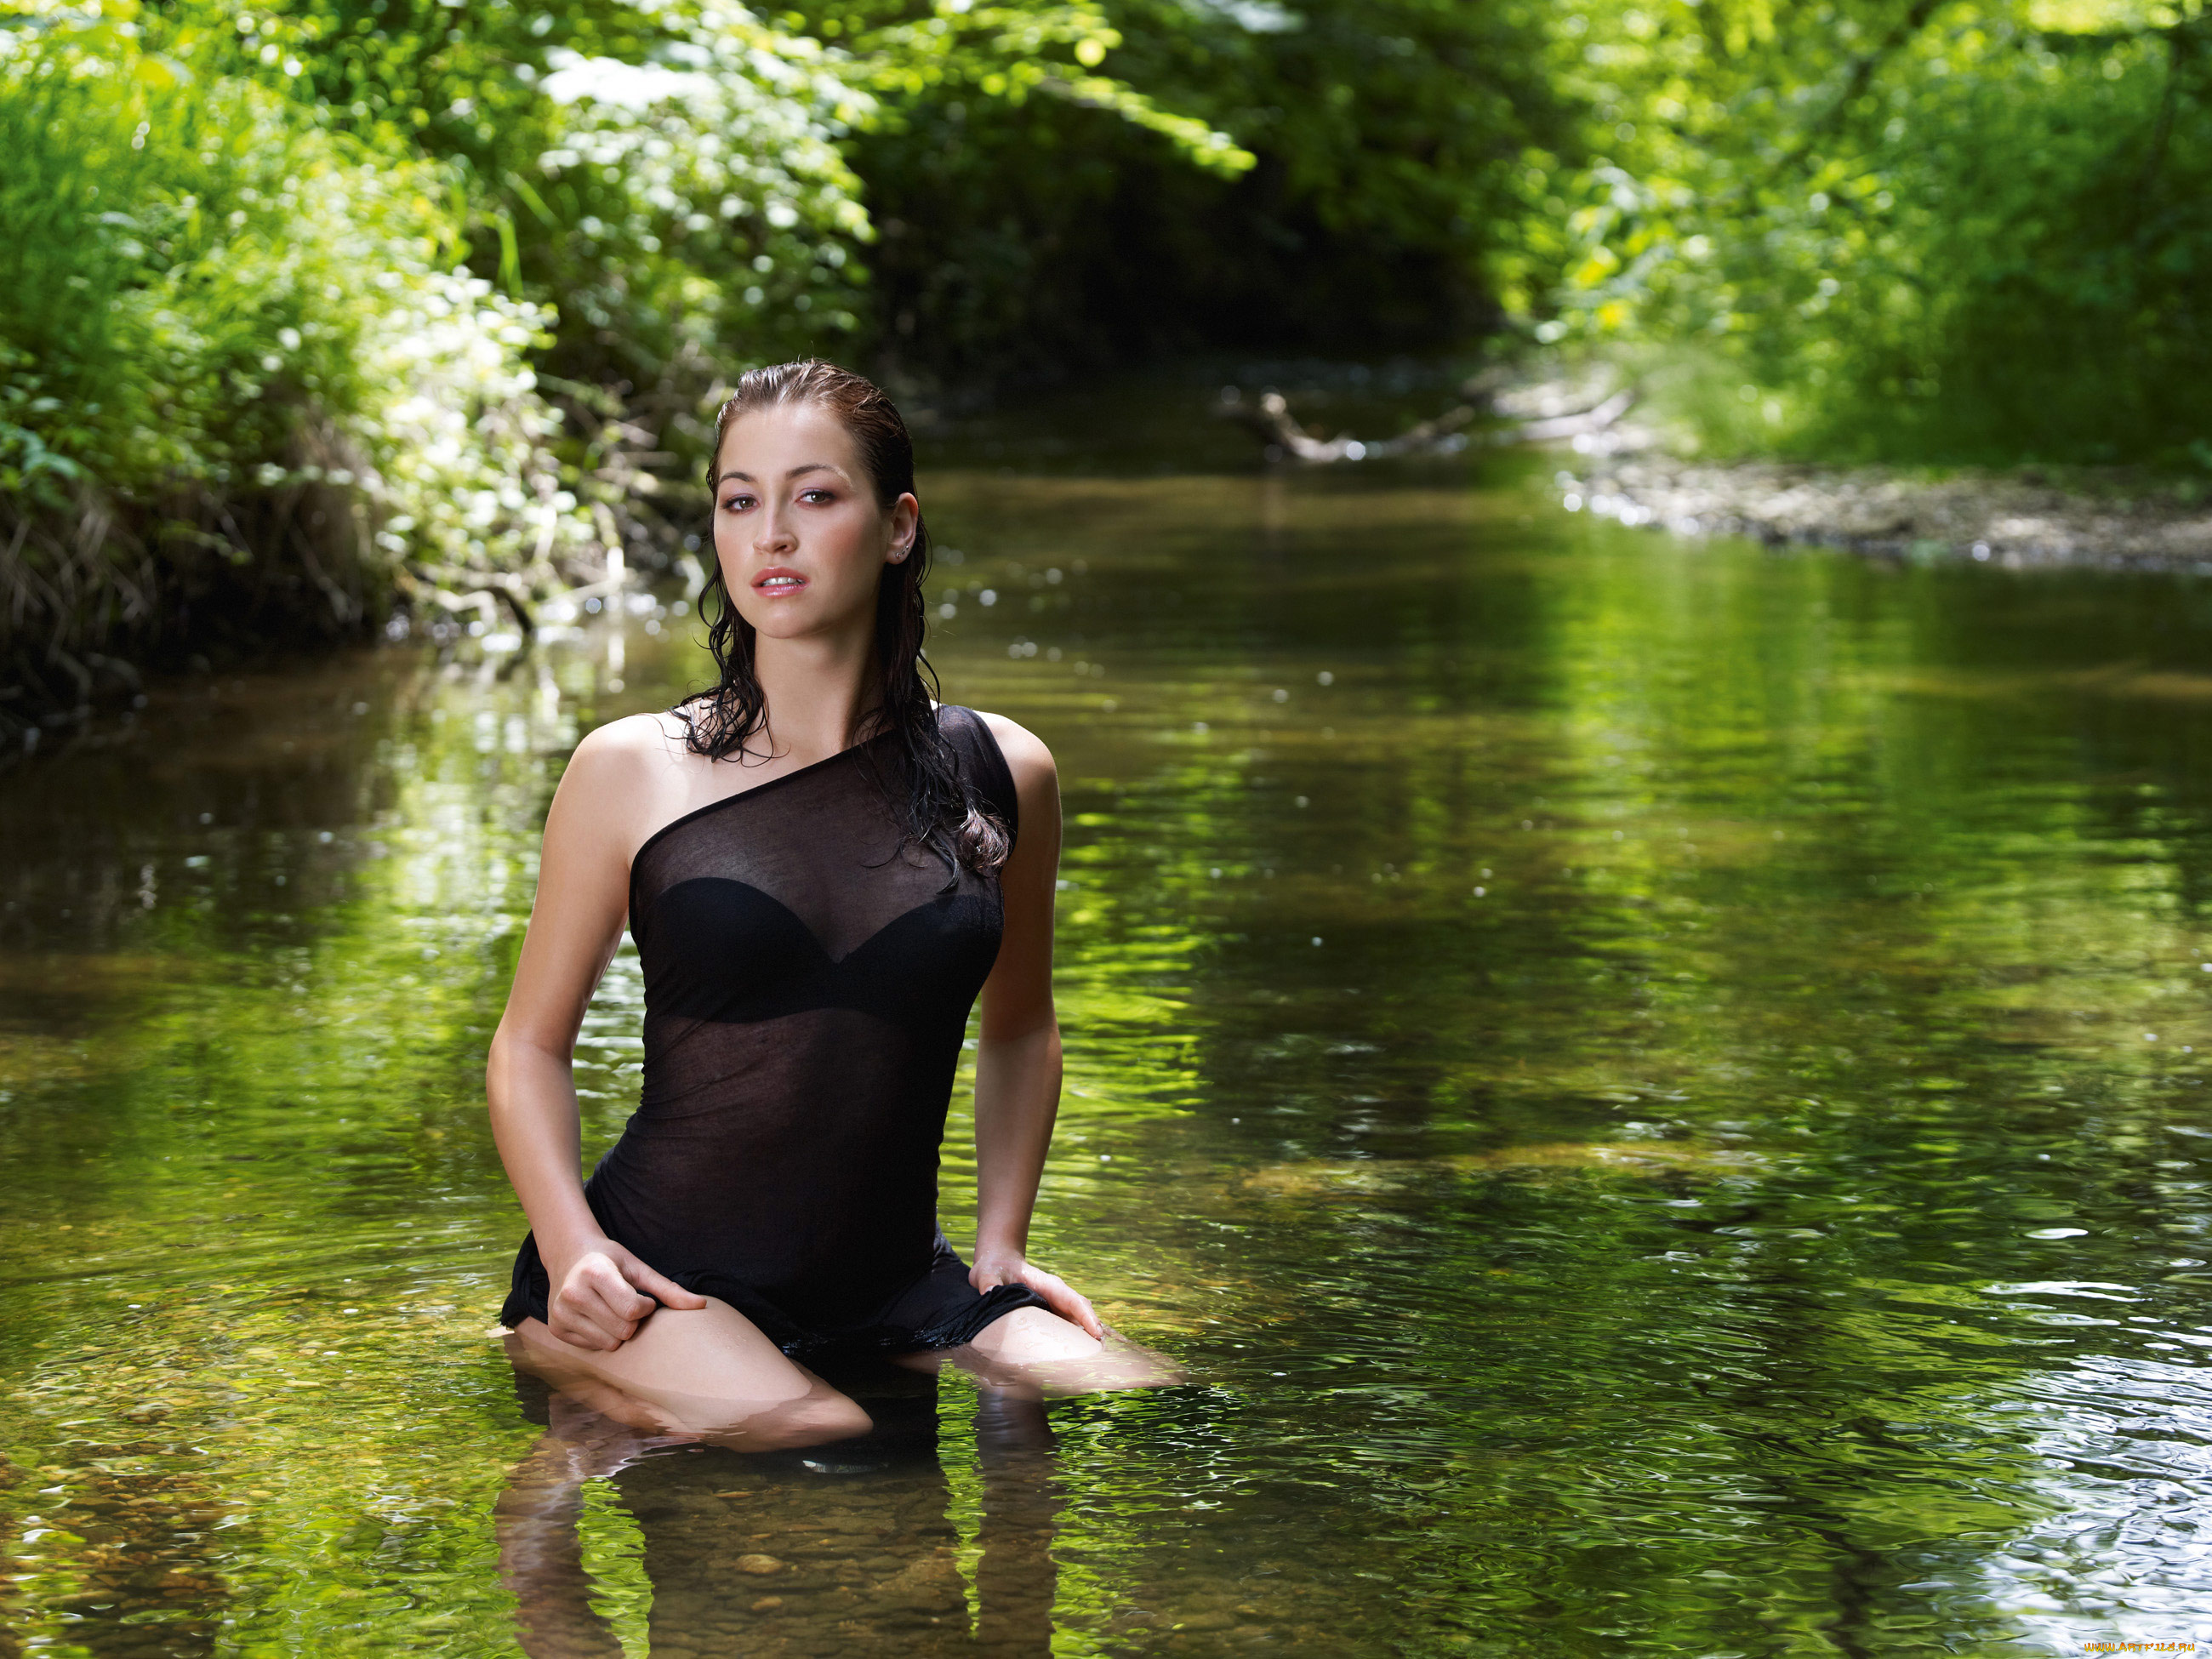 Привлекательная брюнетка шалит на речке красиво и мило  541512